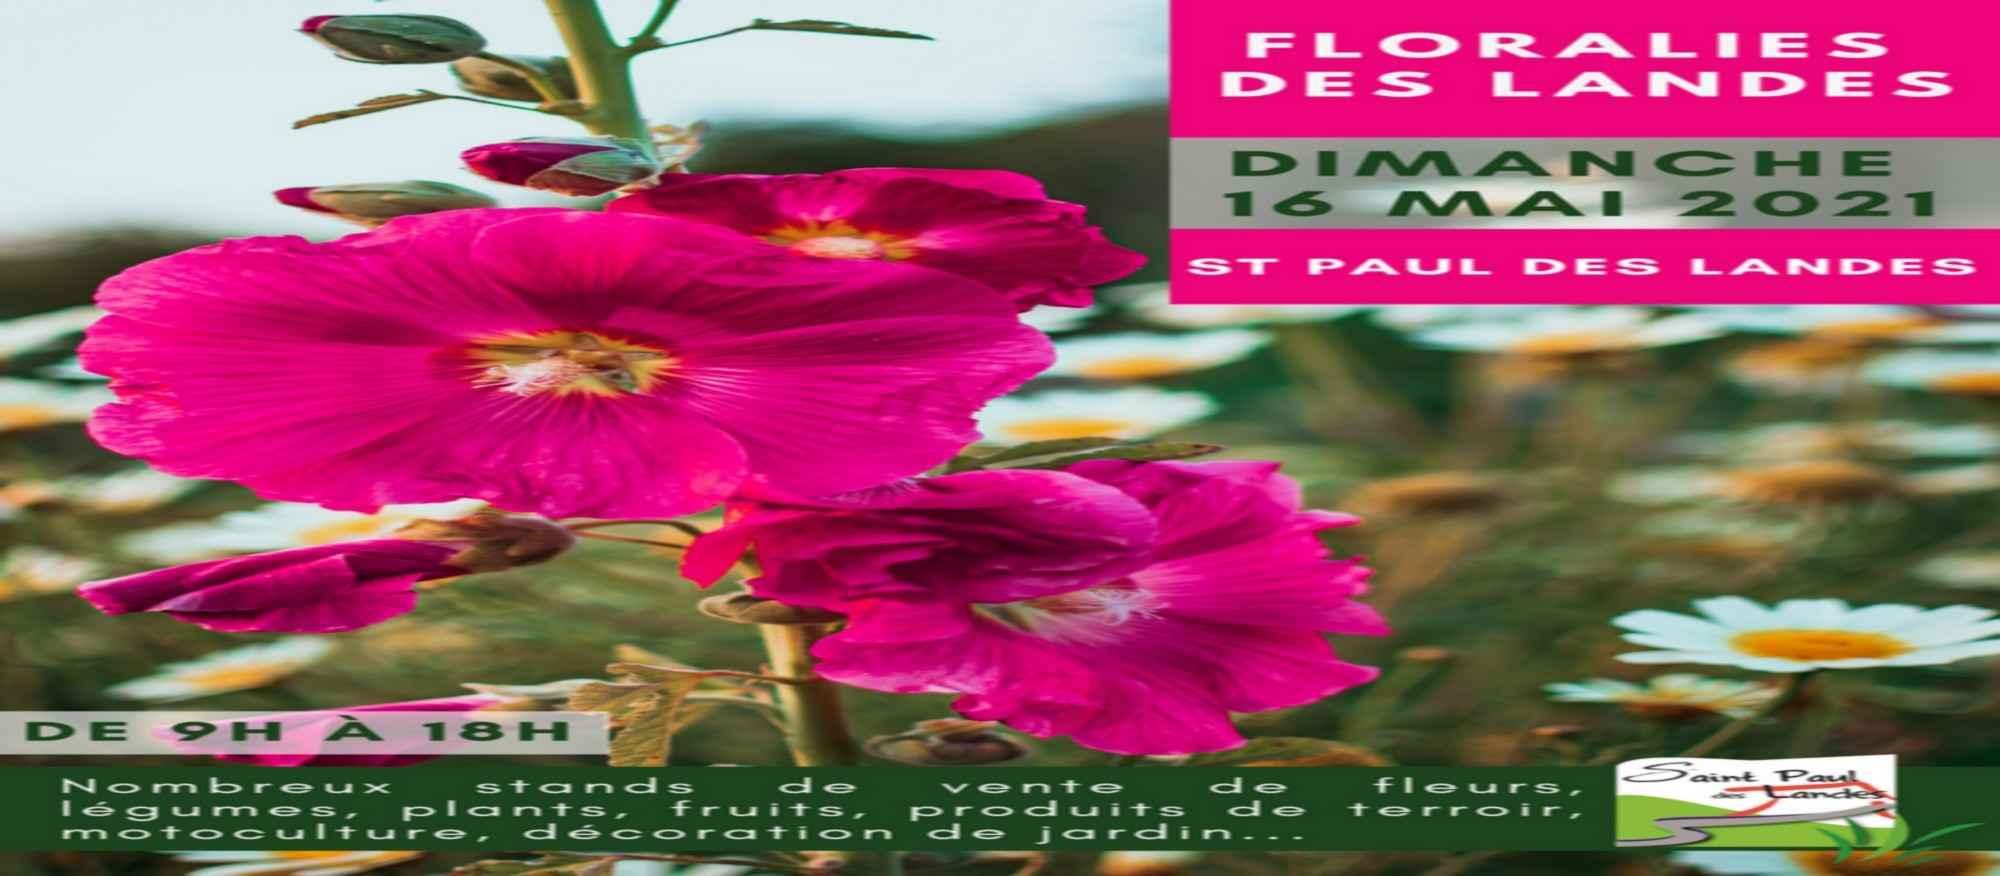 Floralies-des-landes bandeau site